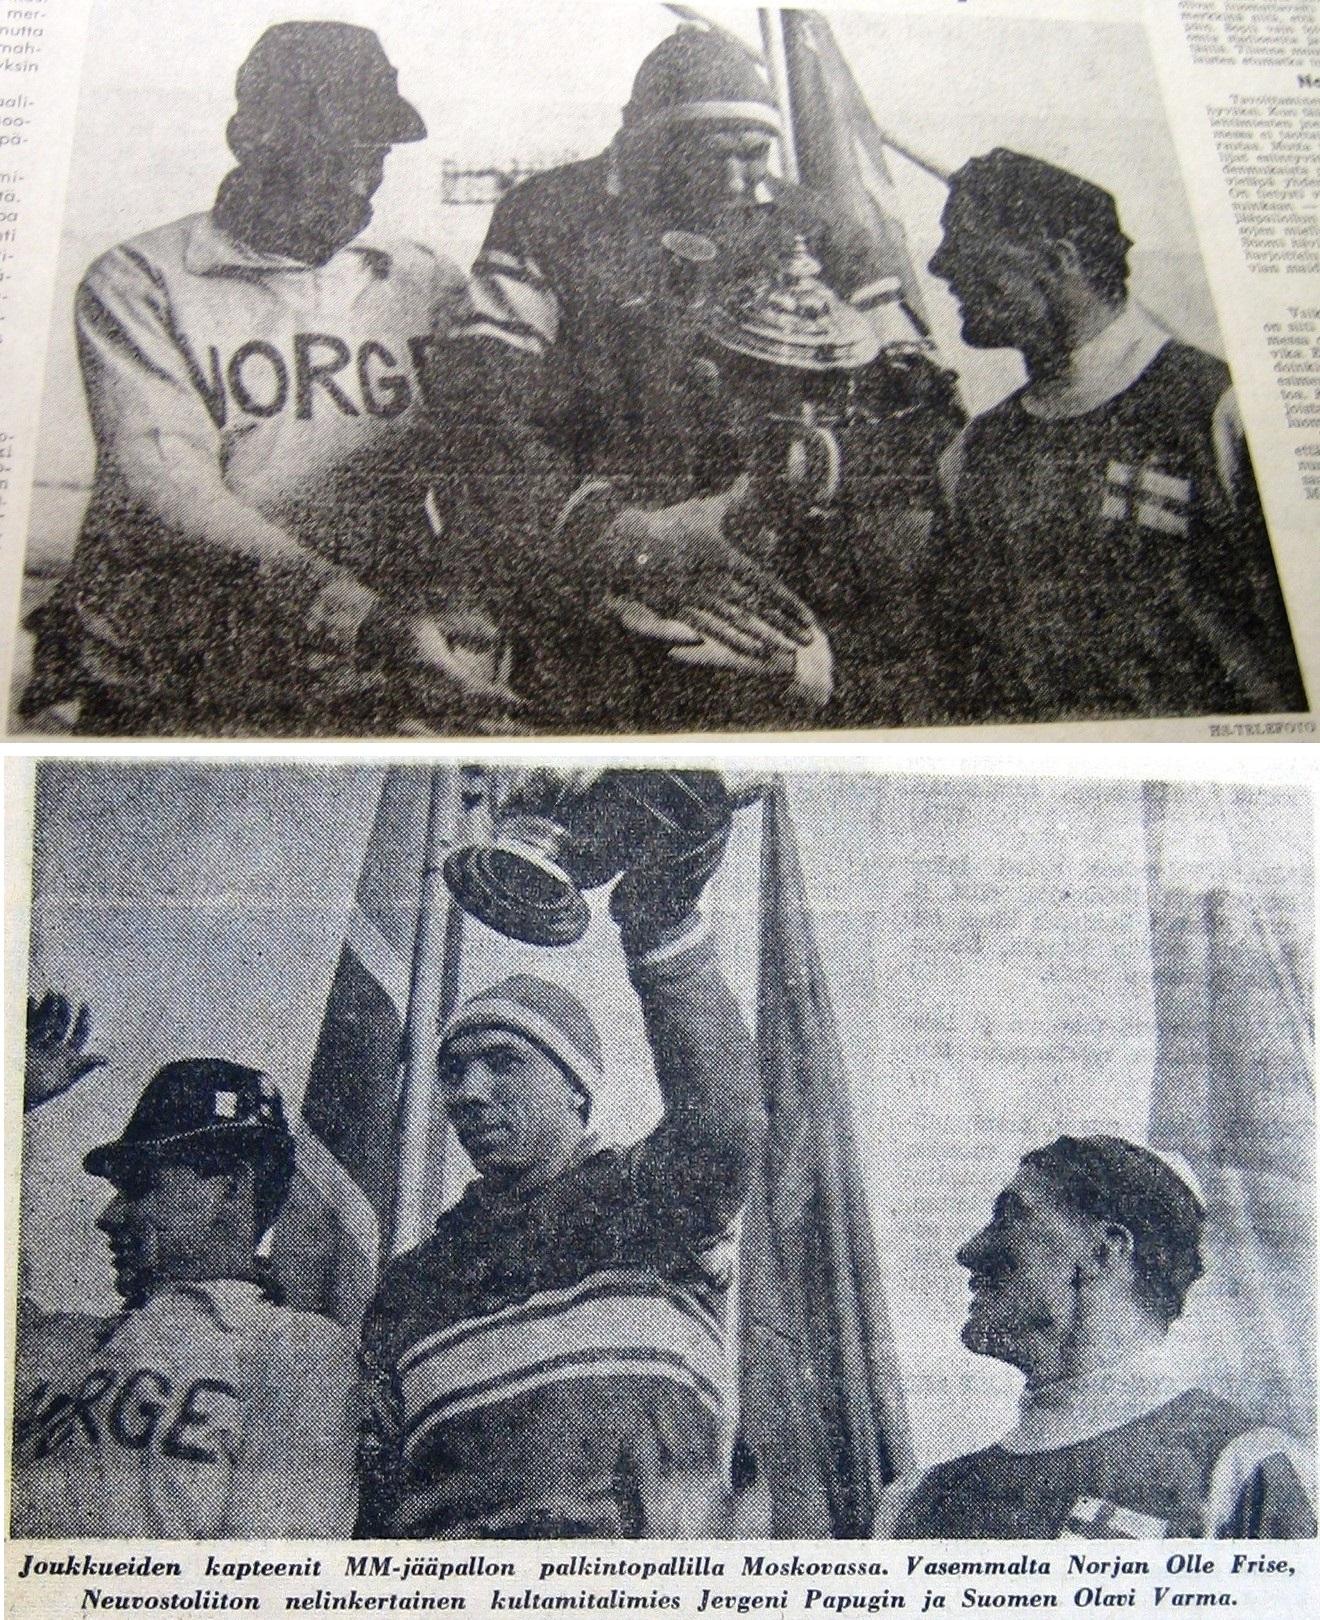 Церемония награждения. Капитан сб. Финляндии Олави Варма (справа) на пьедестале ошибочно